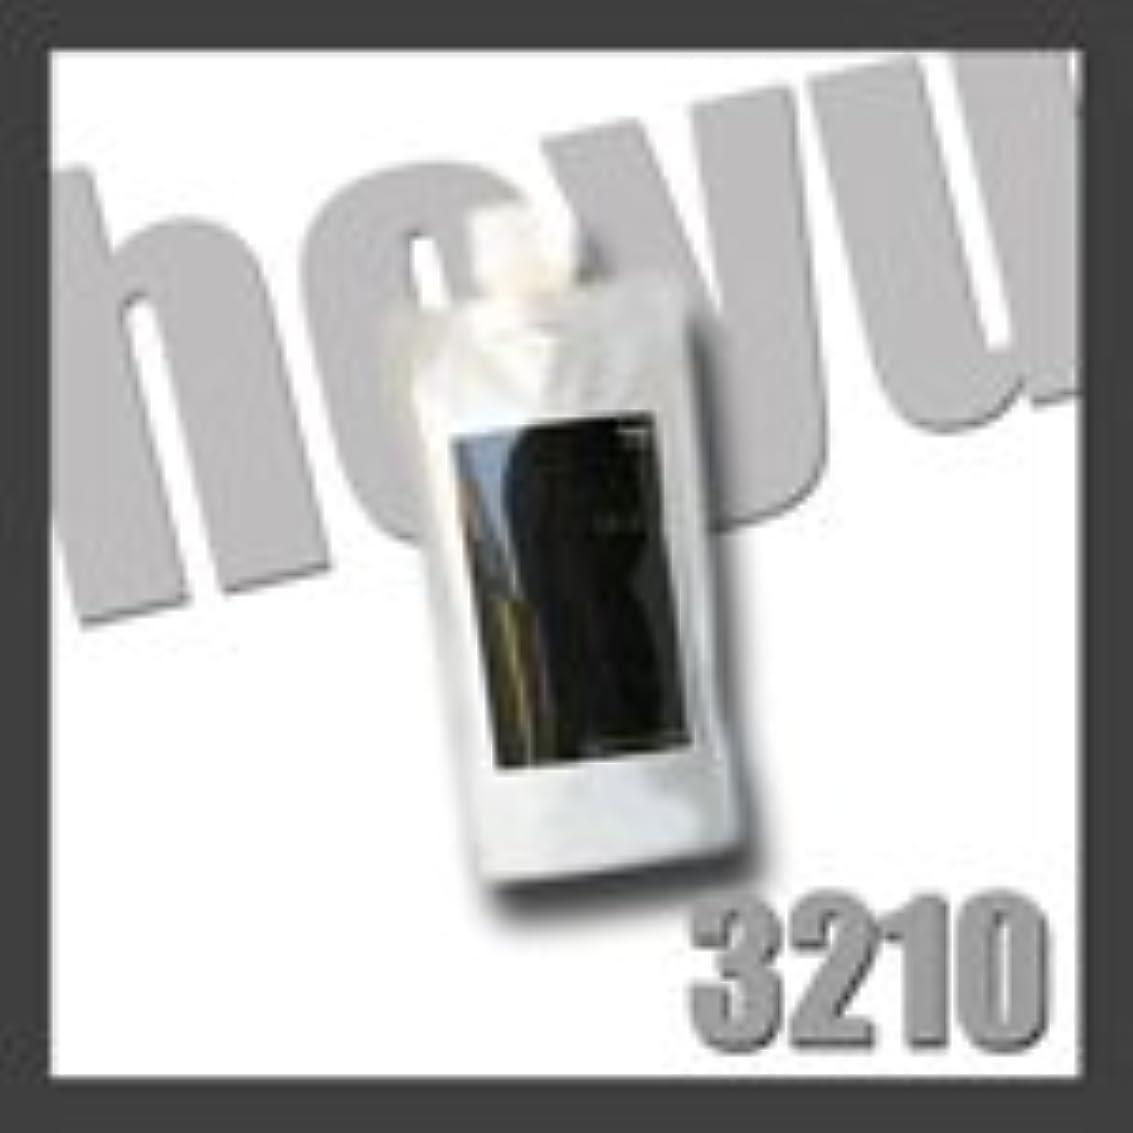 吹きさらし引き金管理HOYU ホーユー 3210 ミニーレ ウルトラハード ワックス レフィル 200g 詰替用 フィニッシュワークシリーズ